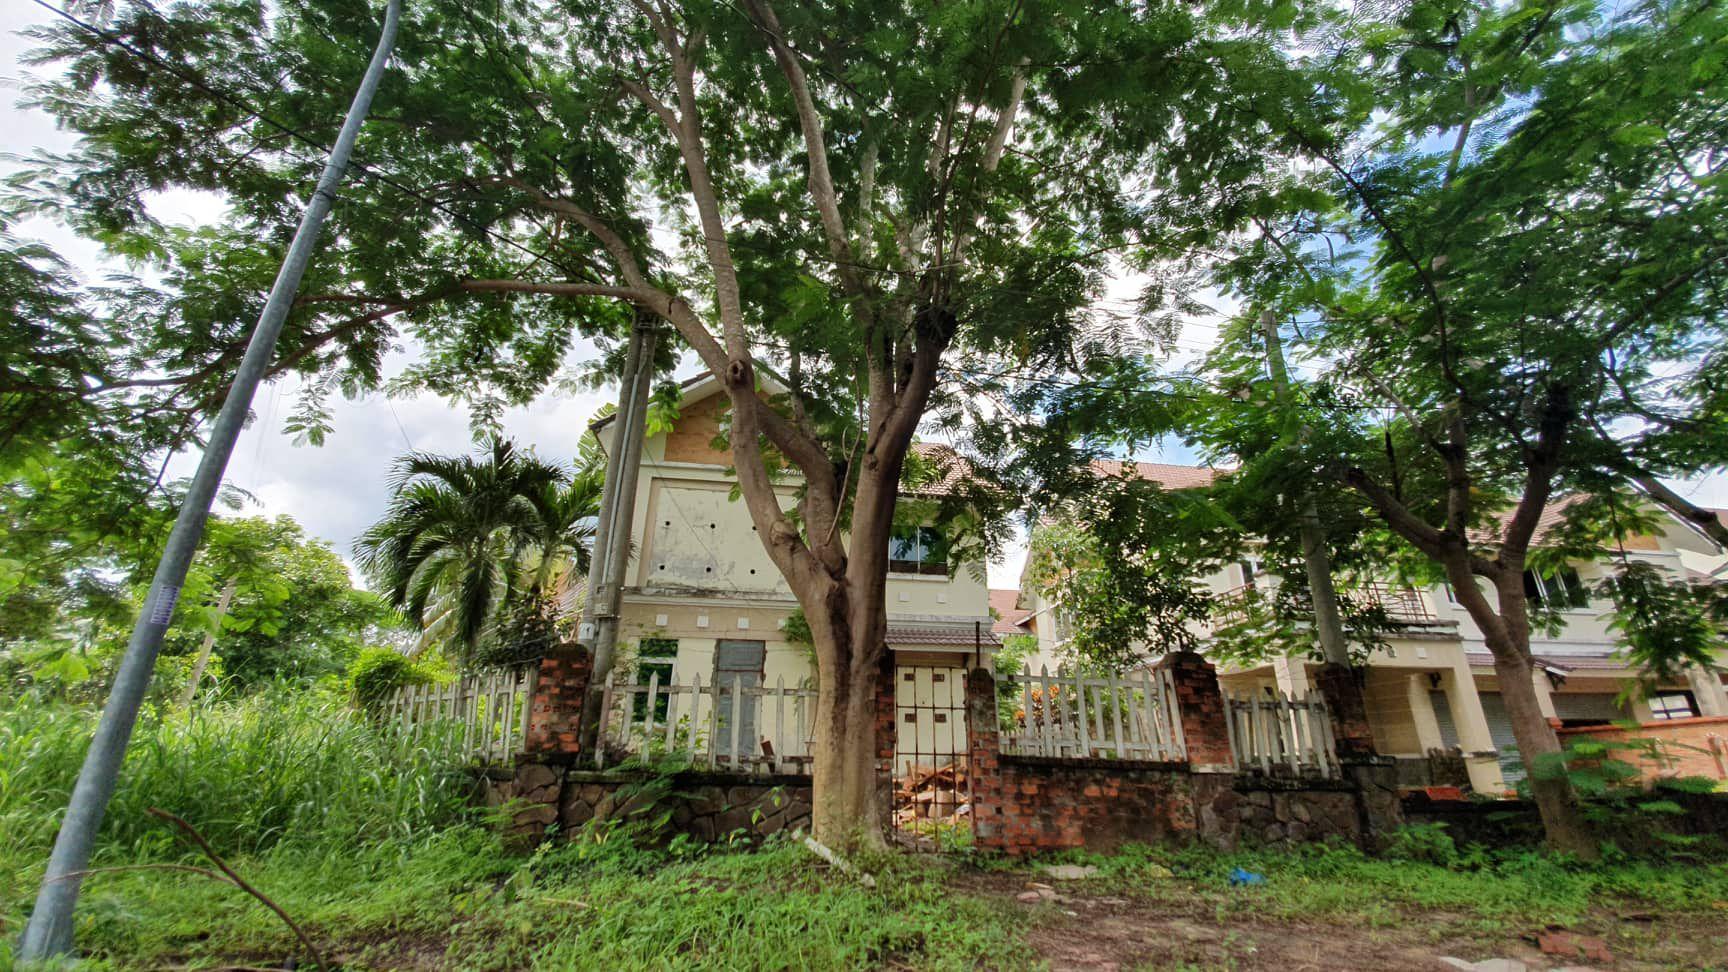 La liệt chung cư, biệt thự bỏ hoang ở Nhơn Trạch - 3